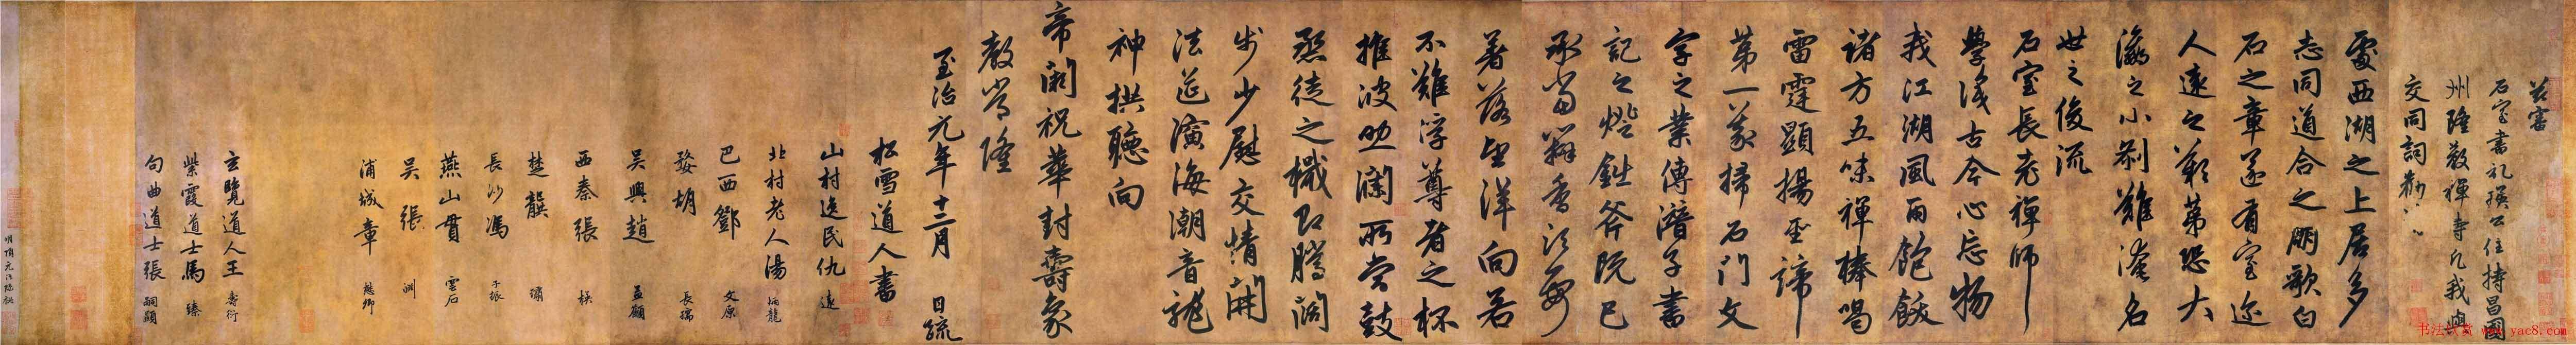 趙孟頫行書賞析《為隆教禪師寺石室長老疏》卷(共13張圖片)